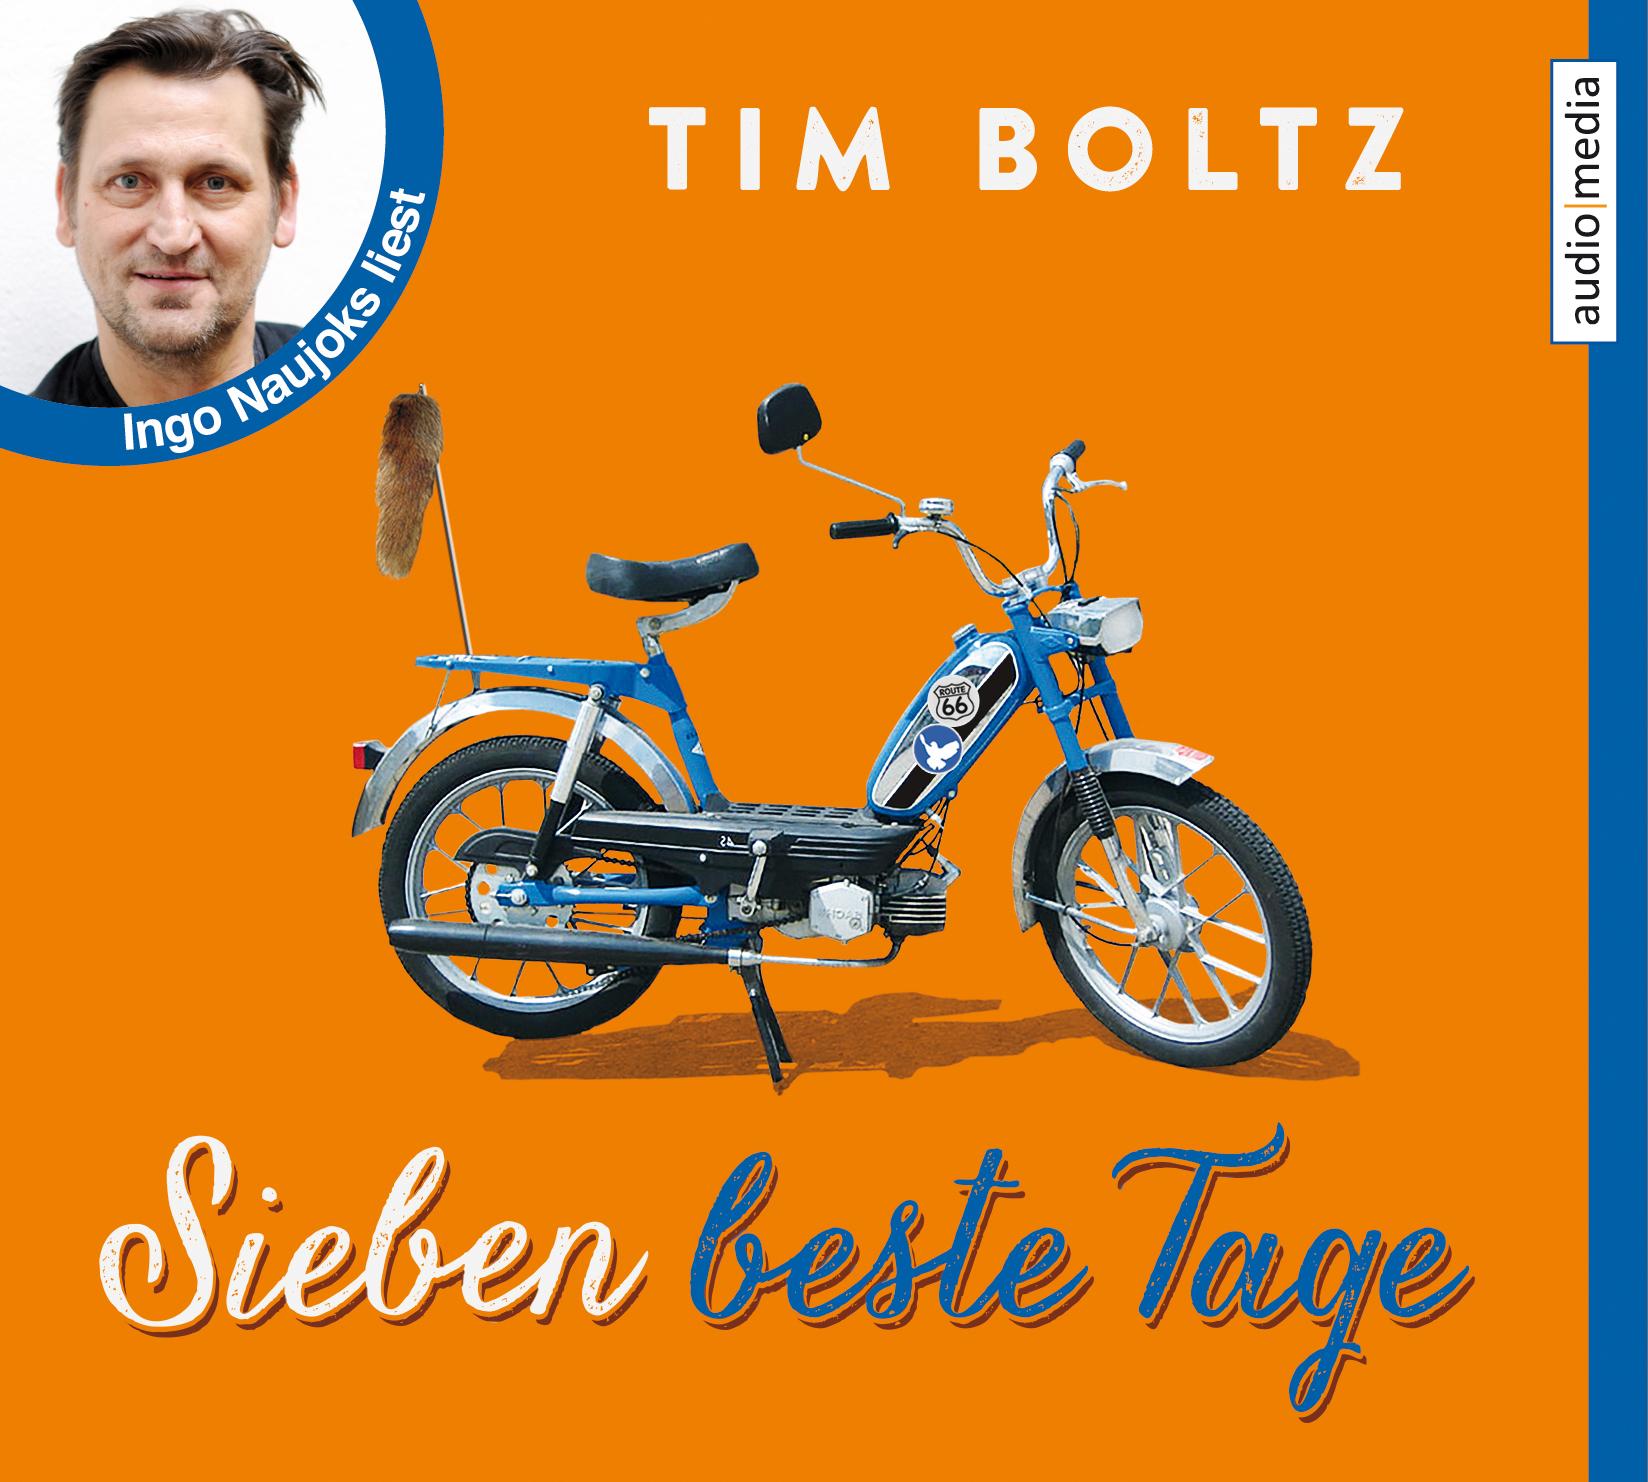 Sieben beste Tage - Tim Boltz [4 Audio CDs]